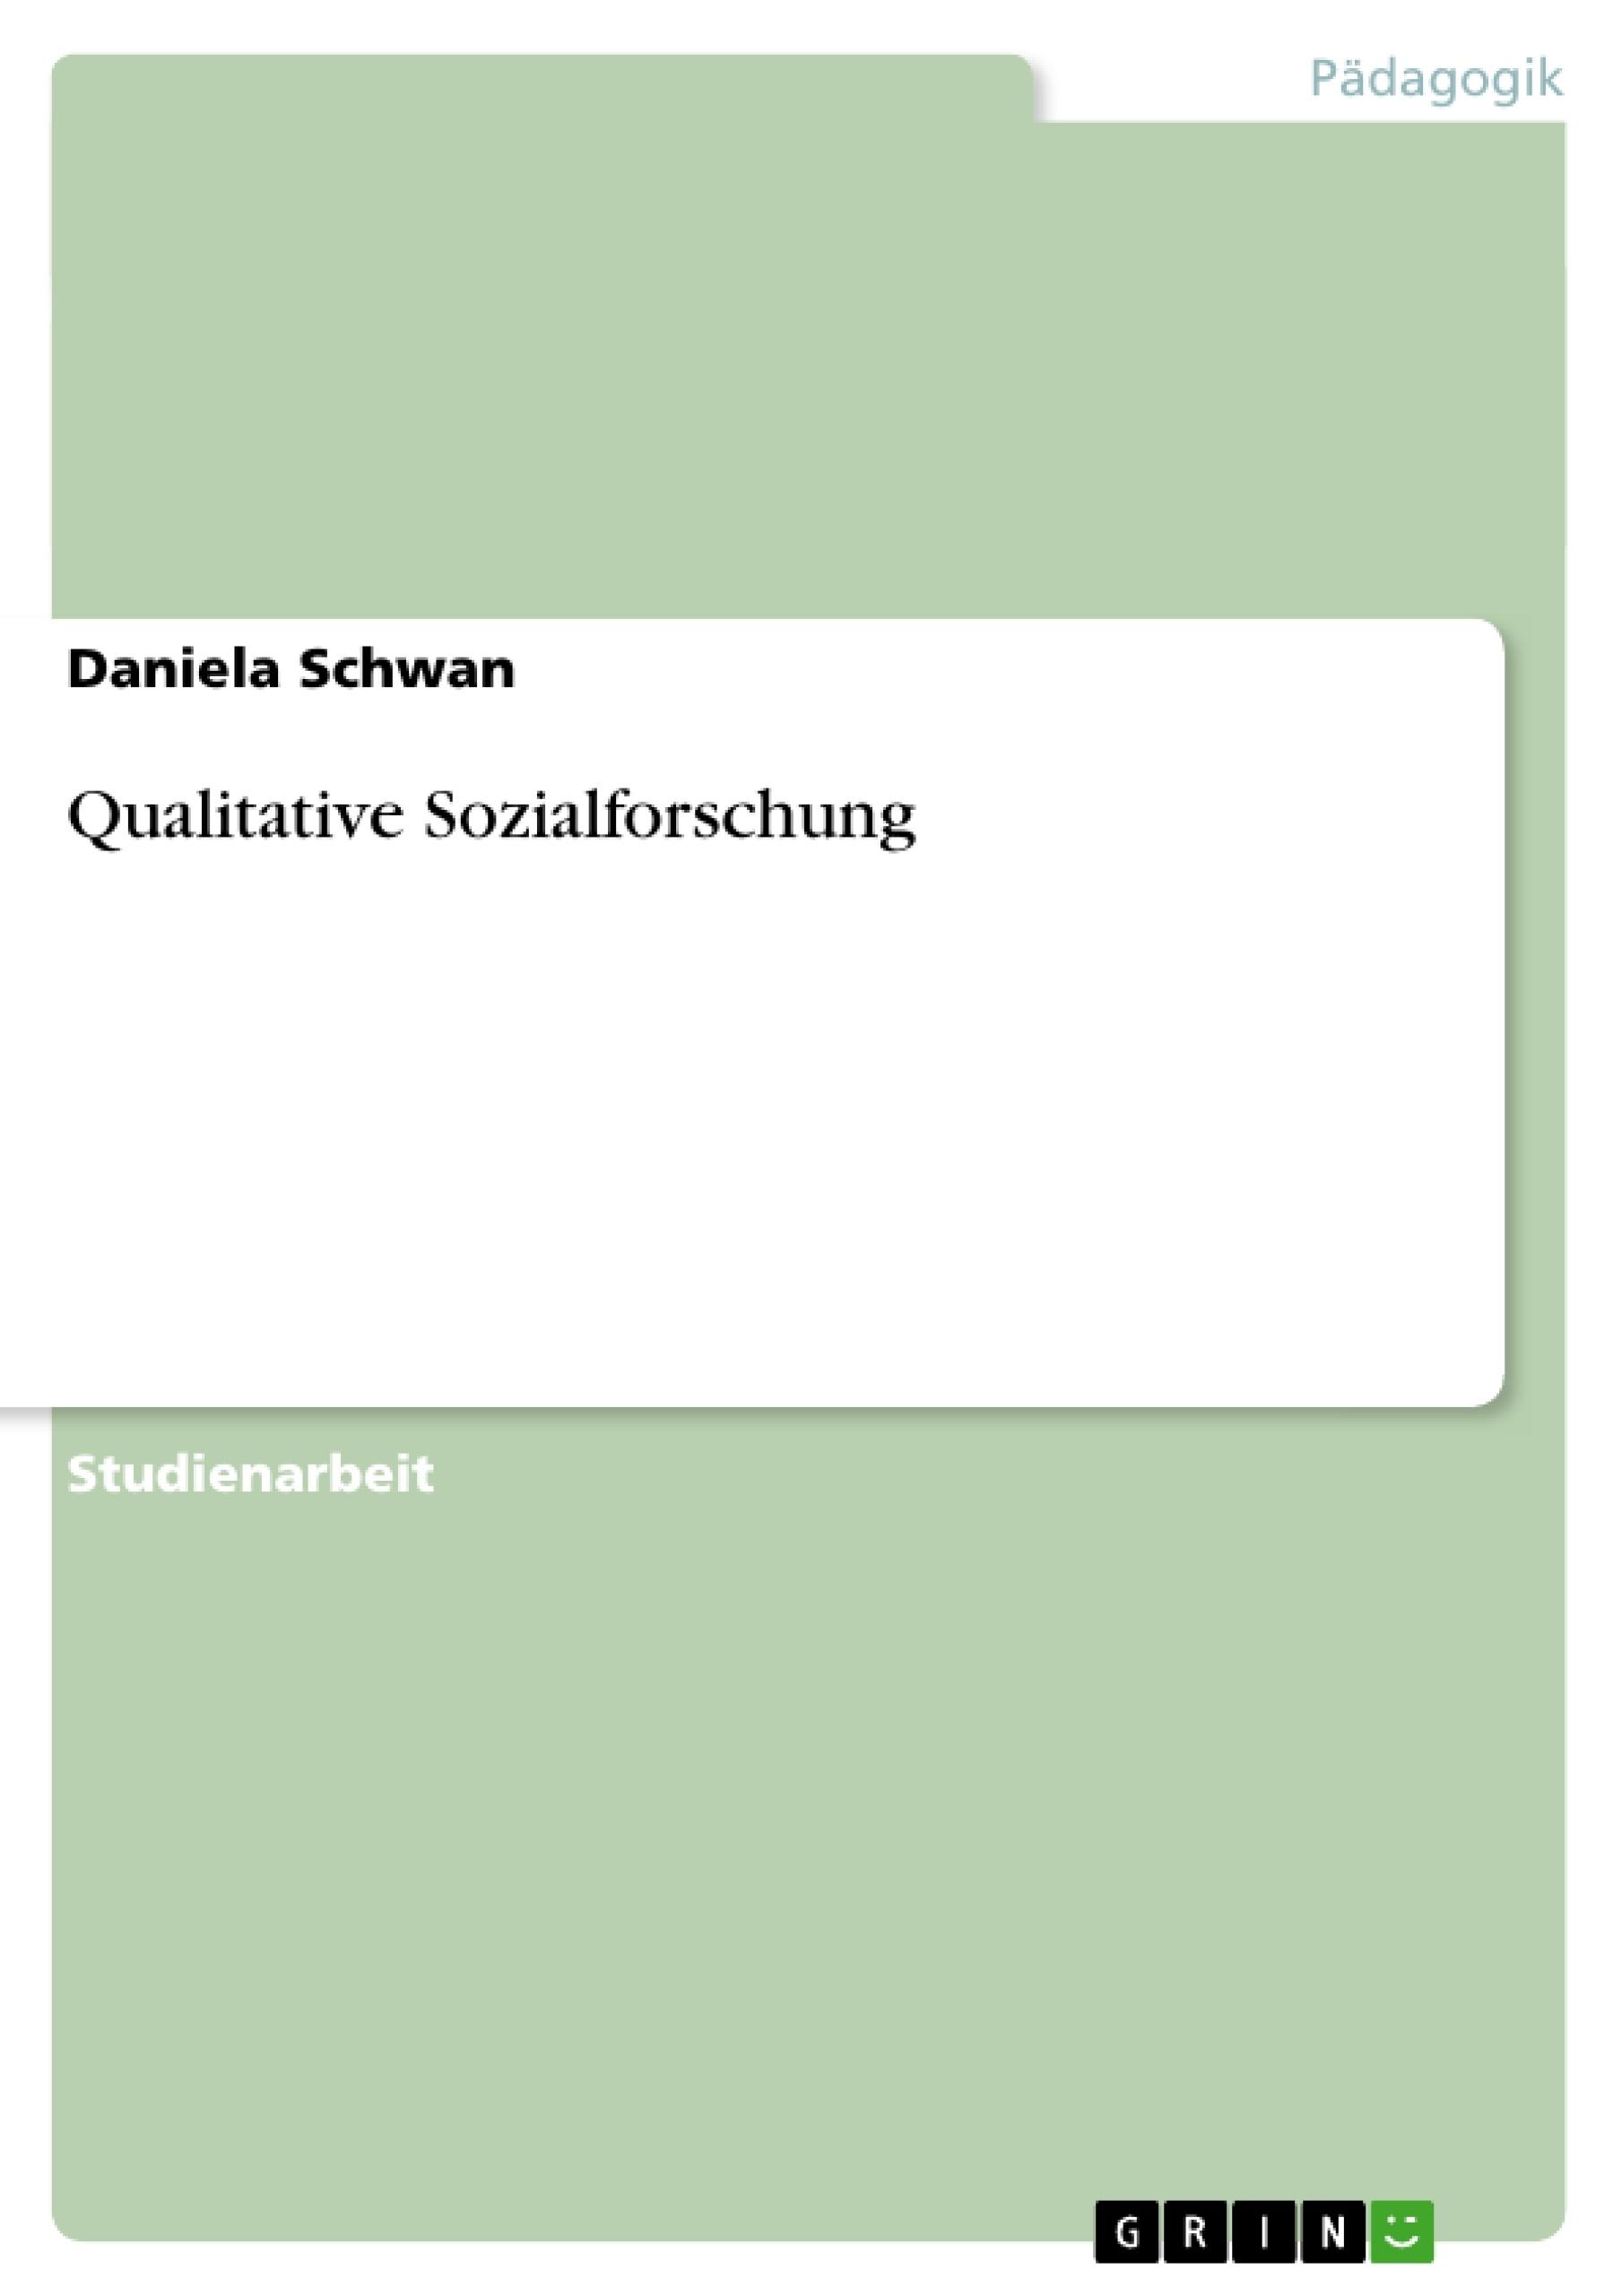 Titel: Qualitative Sozialforschung